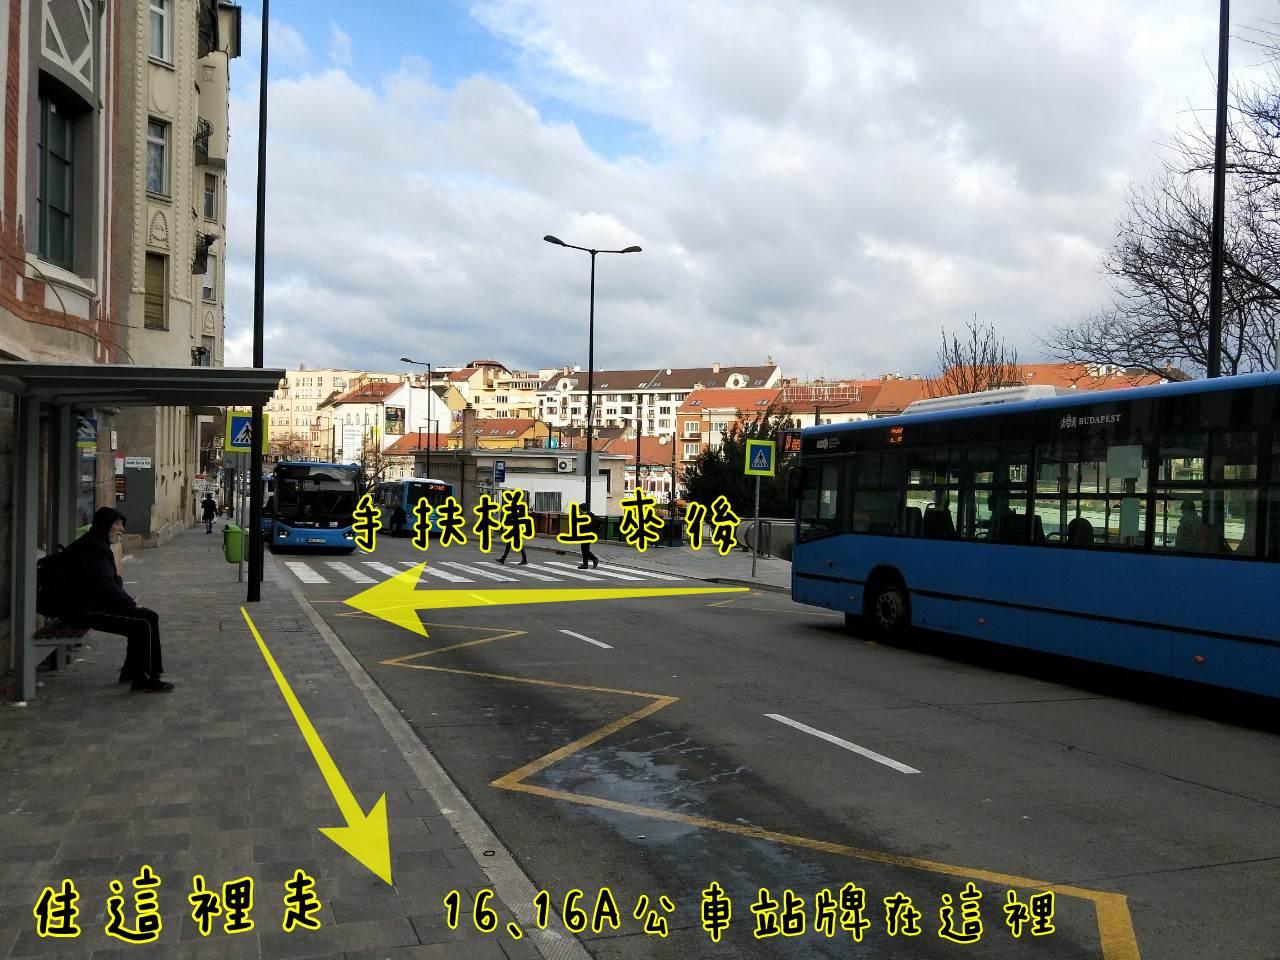 匈牙利交通必備工具|不下載會後悔的5大實用APP與網站